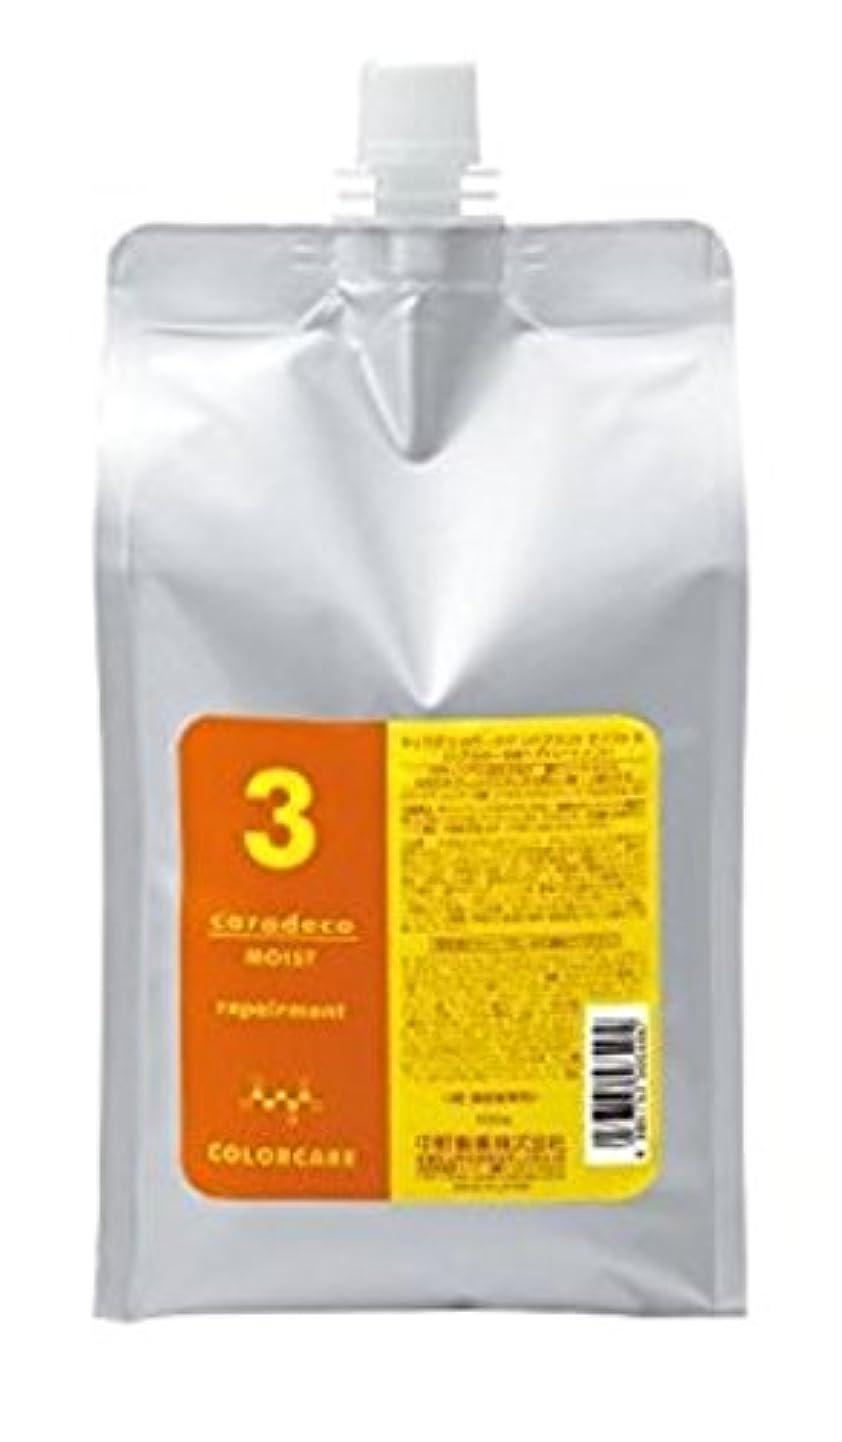 中野製薬 キャラデコ カラーケア リペアメント モイストN 1500g